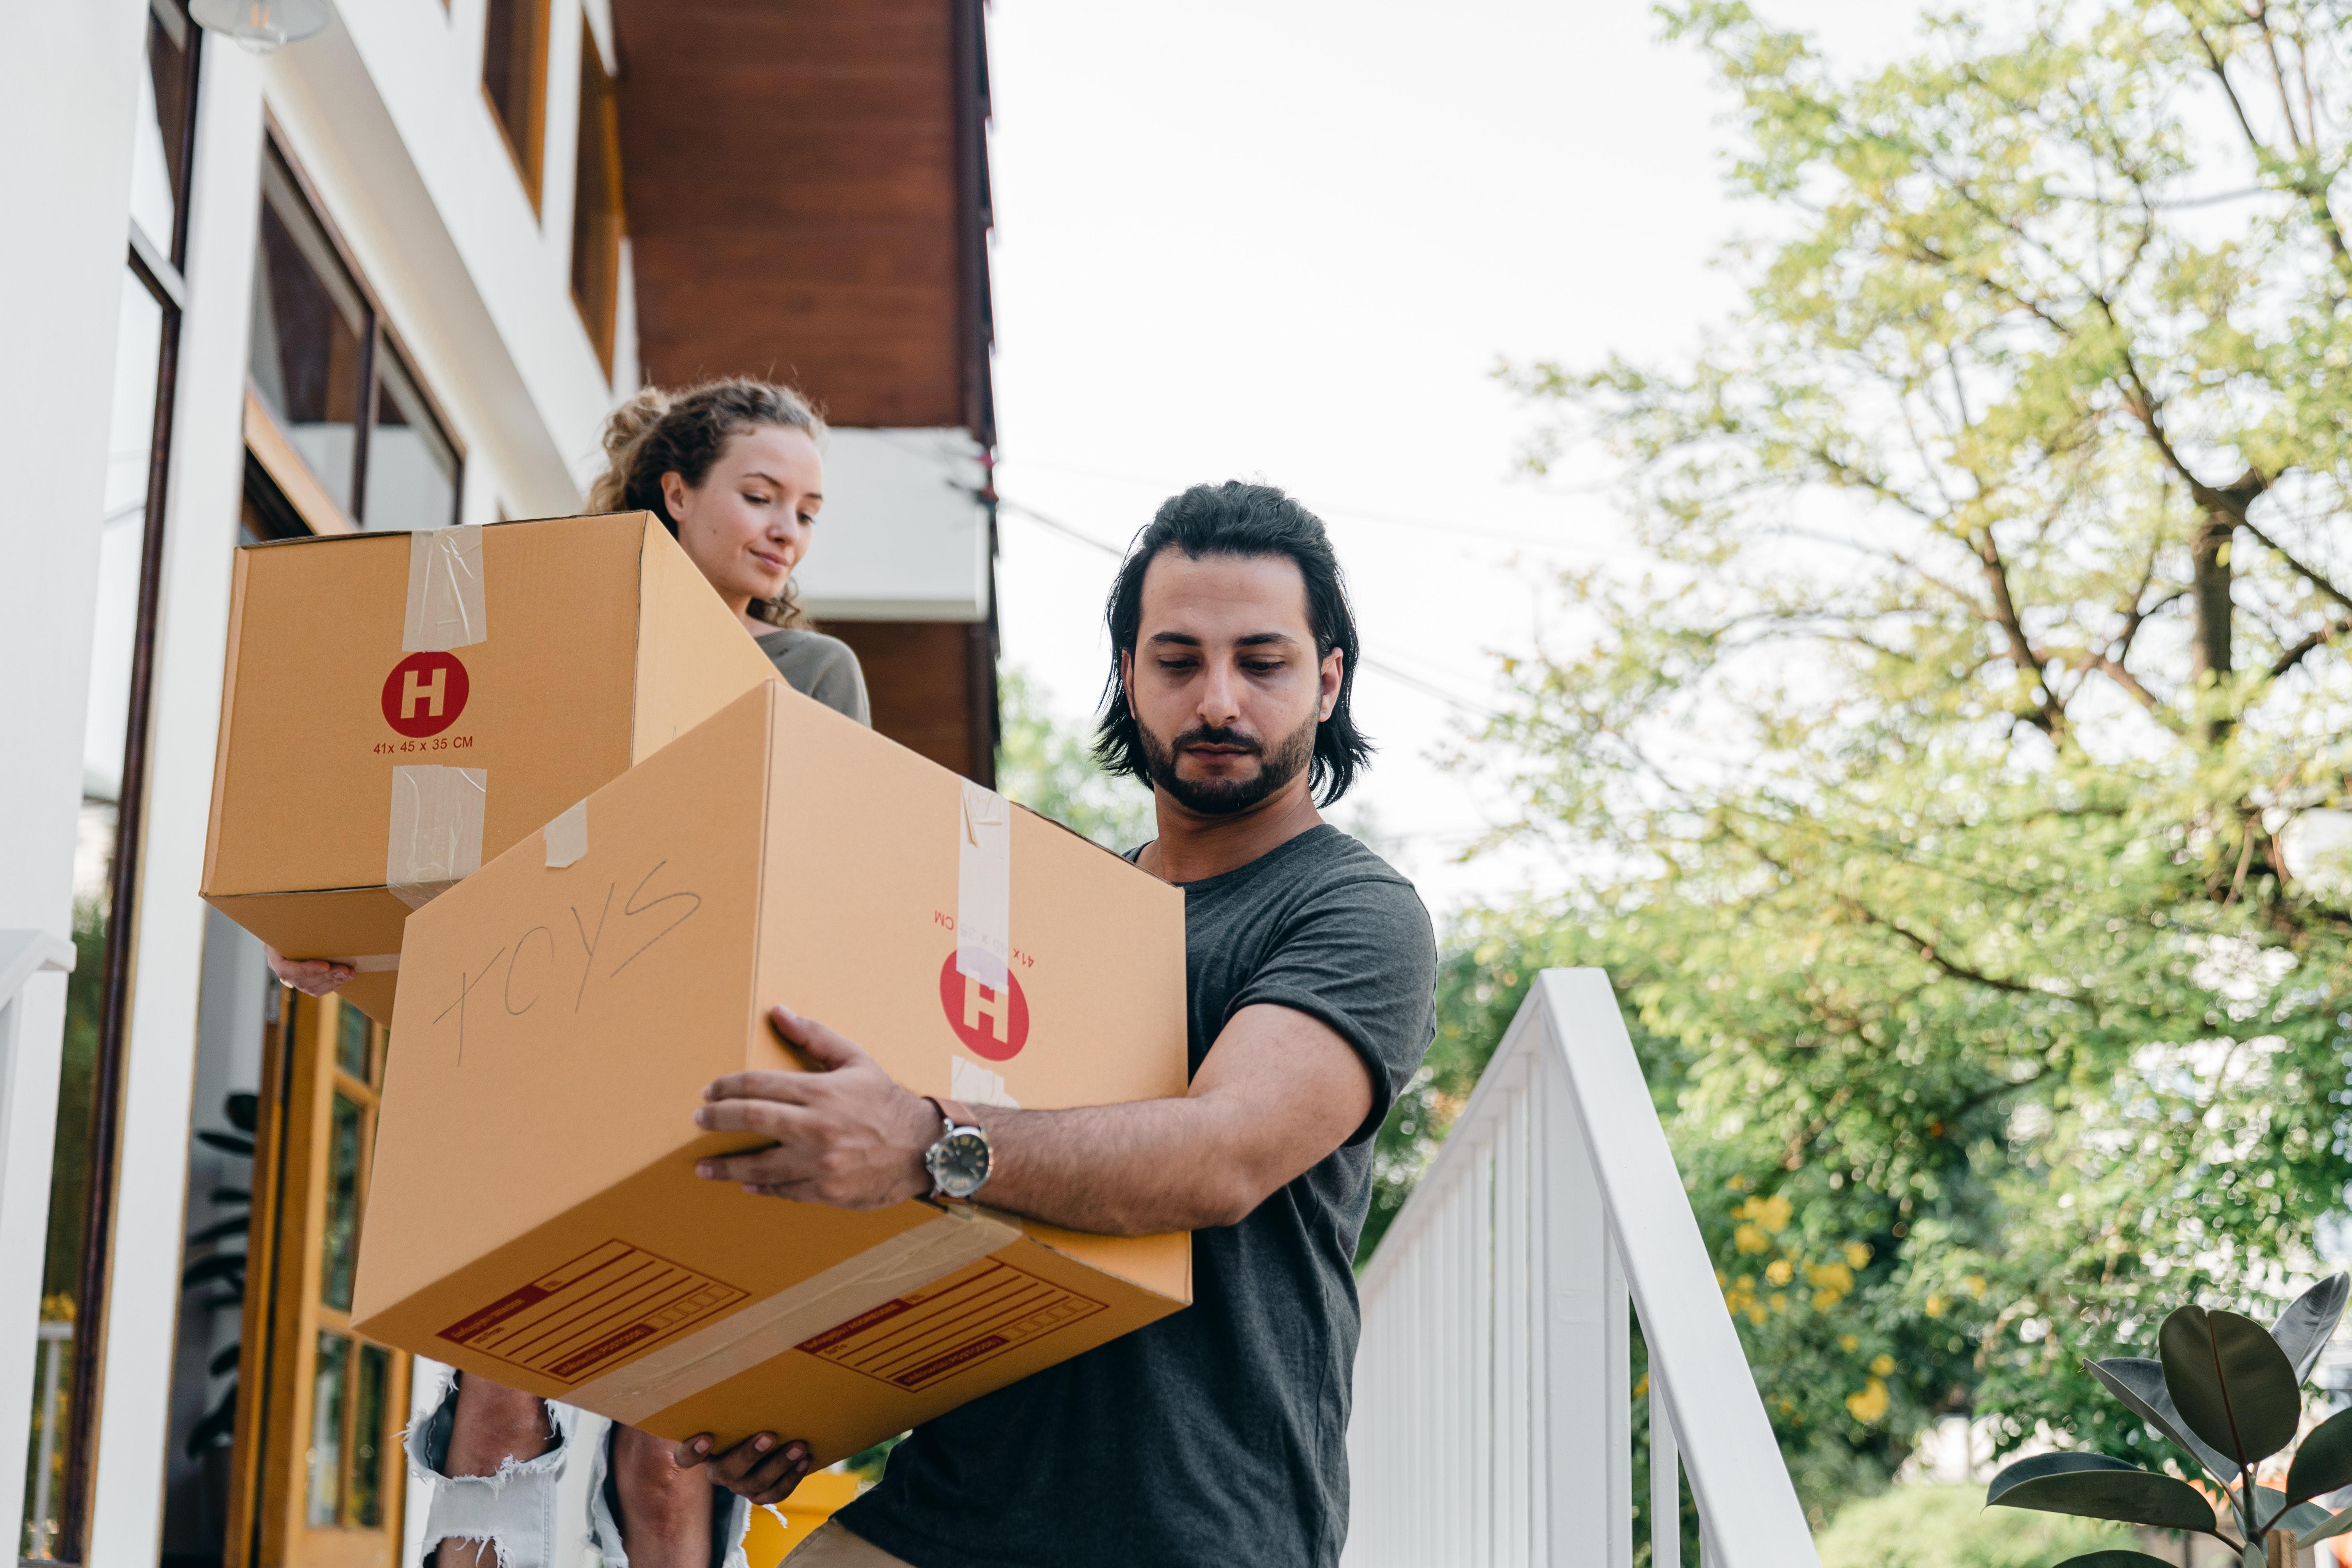 Transport do nowego domu, jak znaleźć odpowiednią firmę? - image